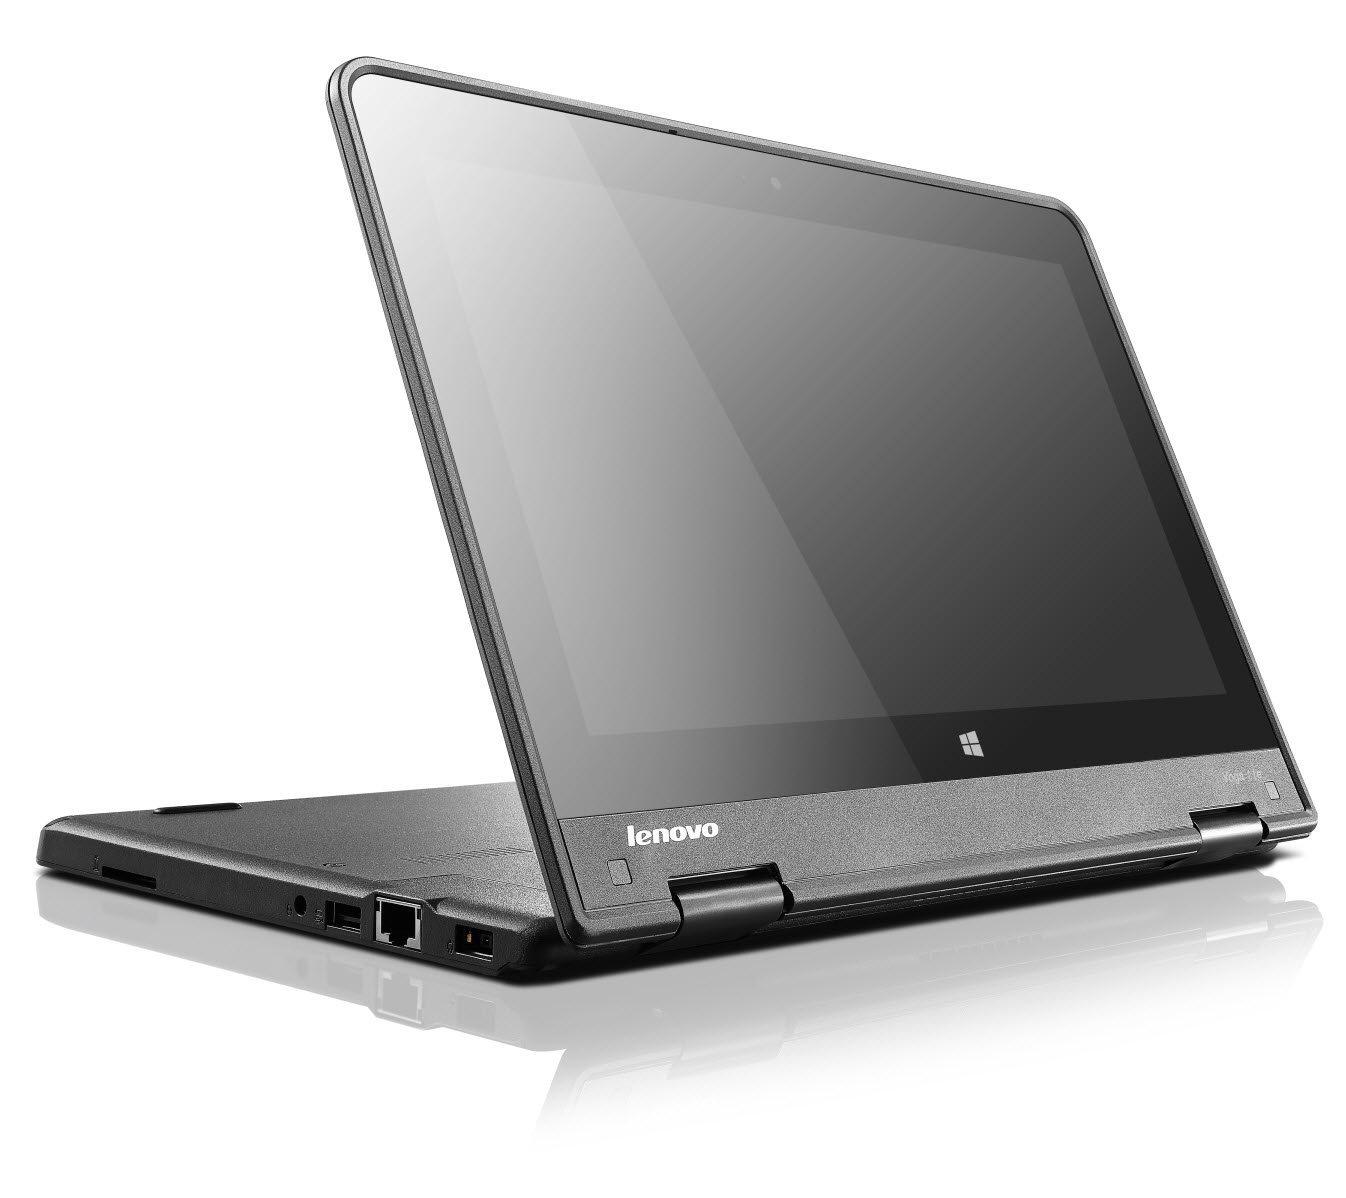 Lenovo ThinkPad Yoga 11e 1.83GHz N2930 11.6